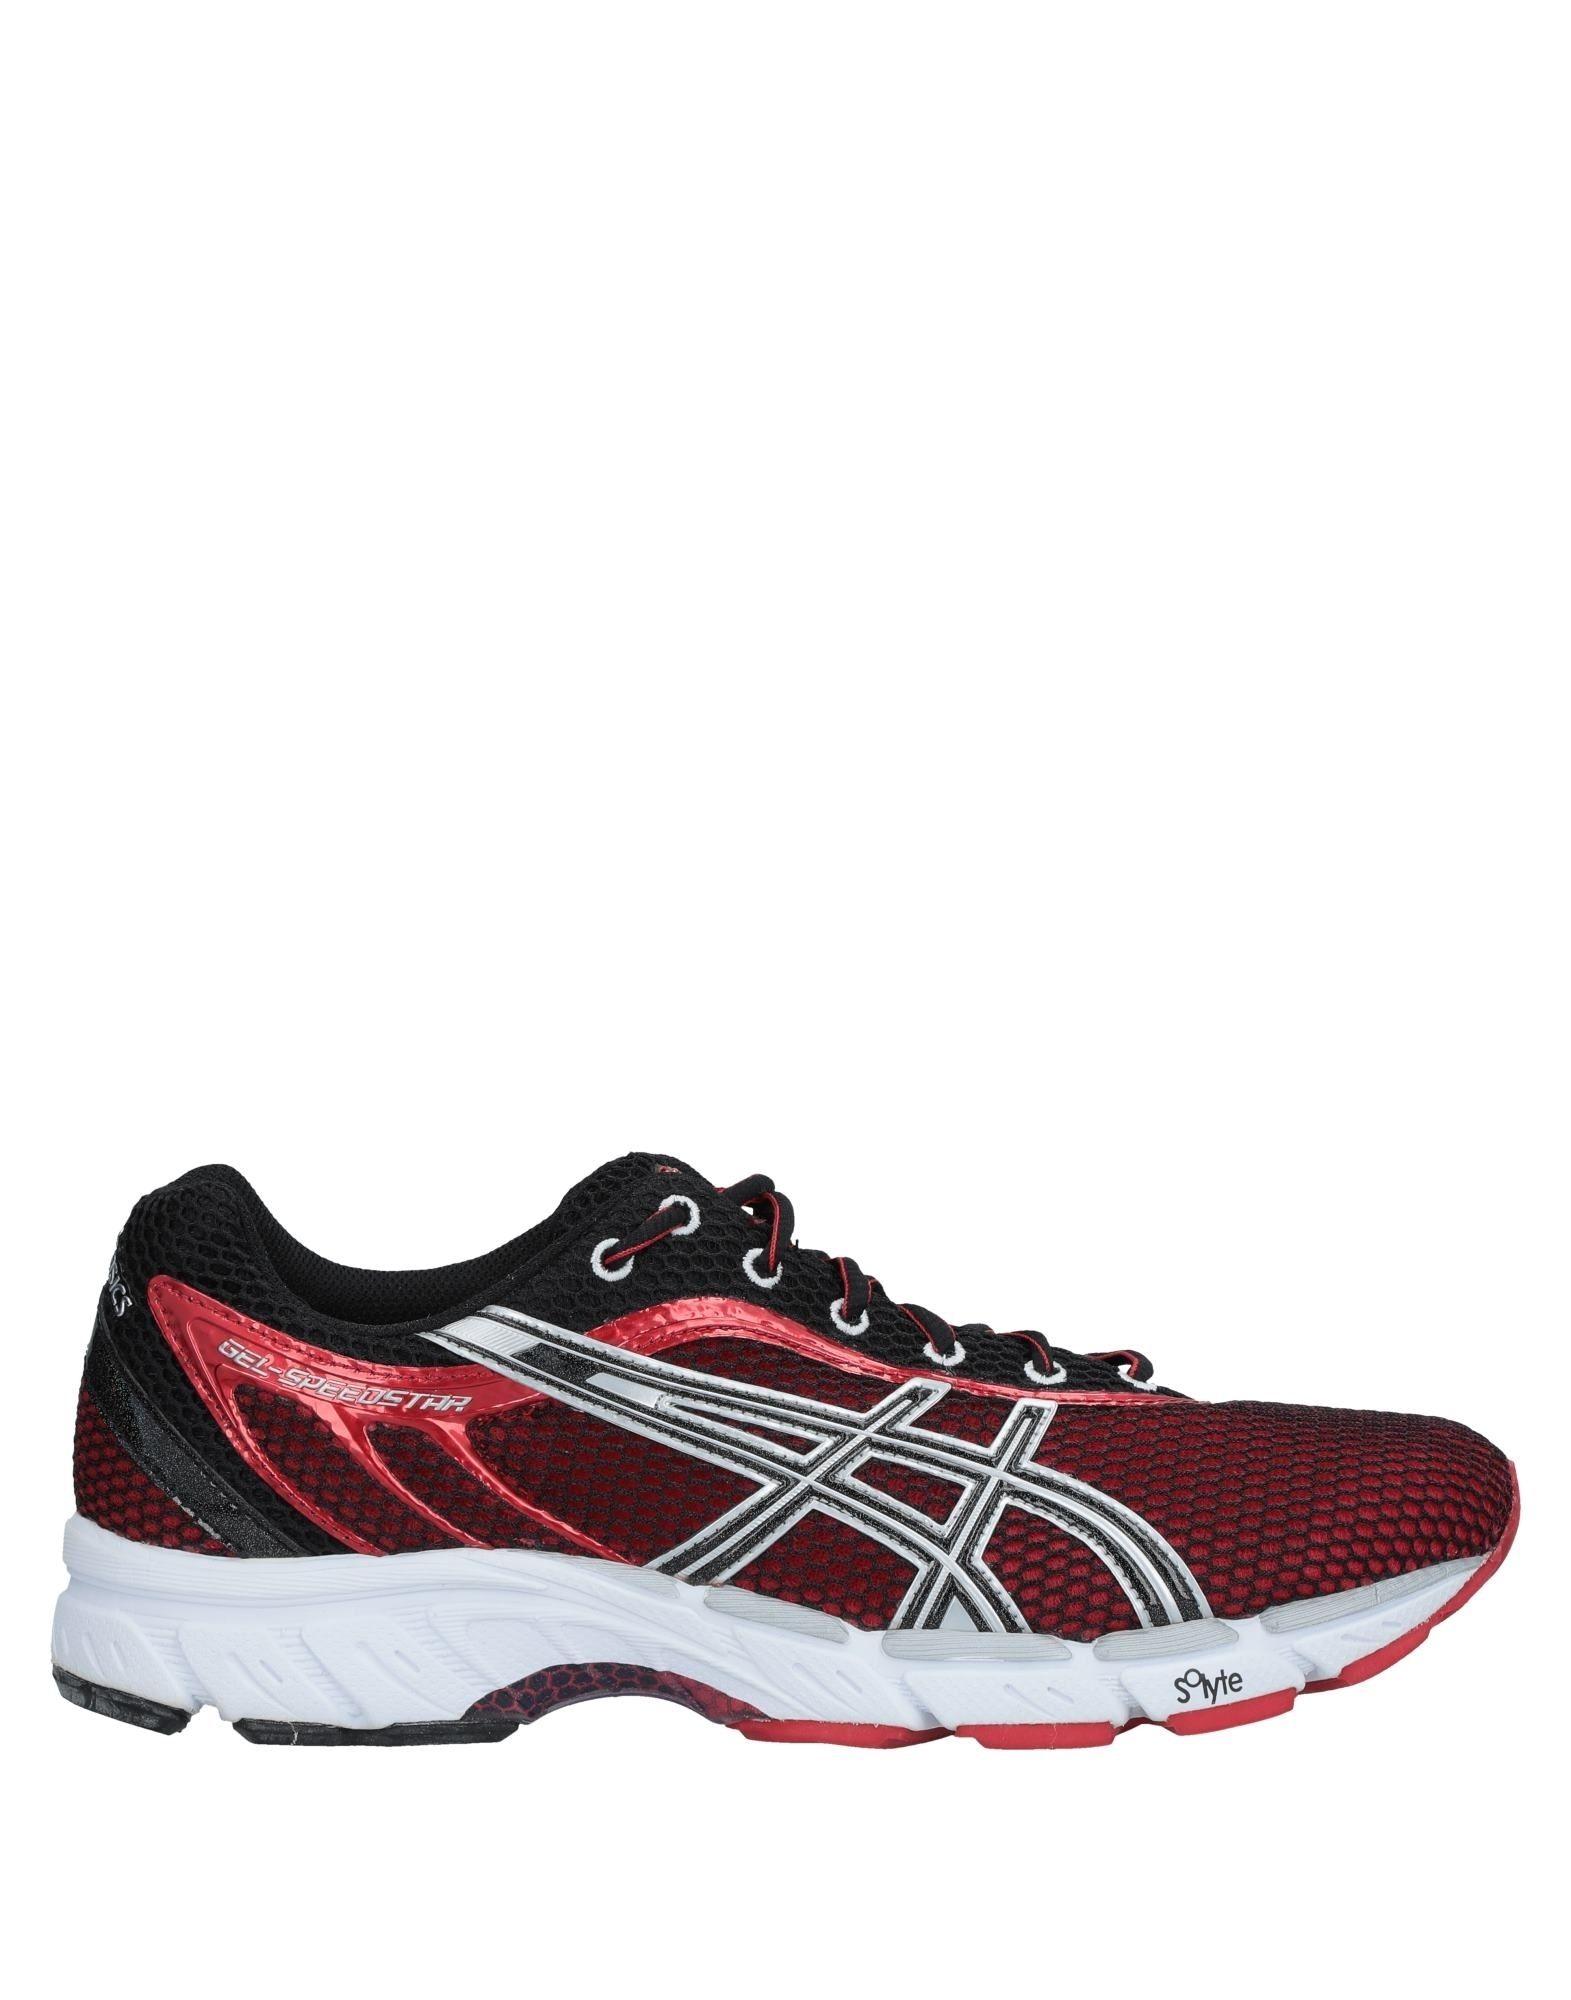 Asics on Sneakers - Men Asics Sneakers online on Asics  Australia - 11537539QU d075b2